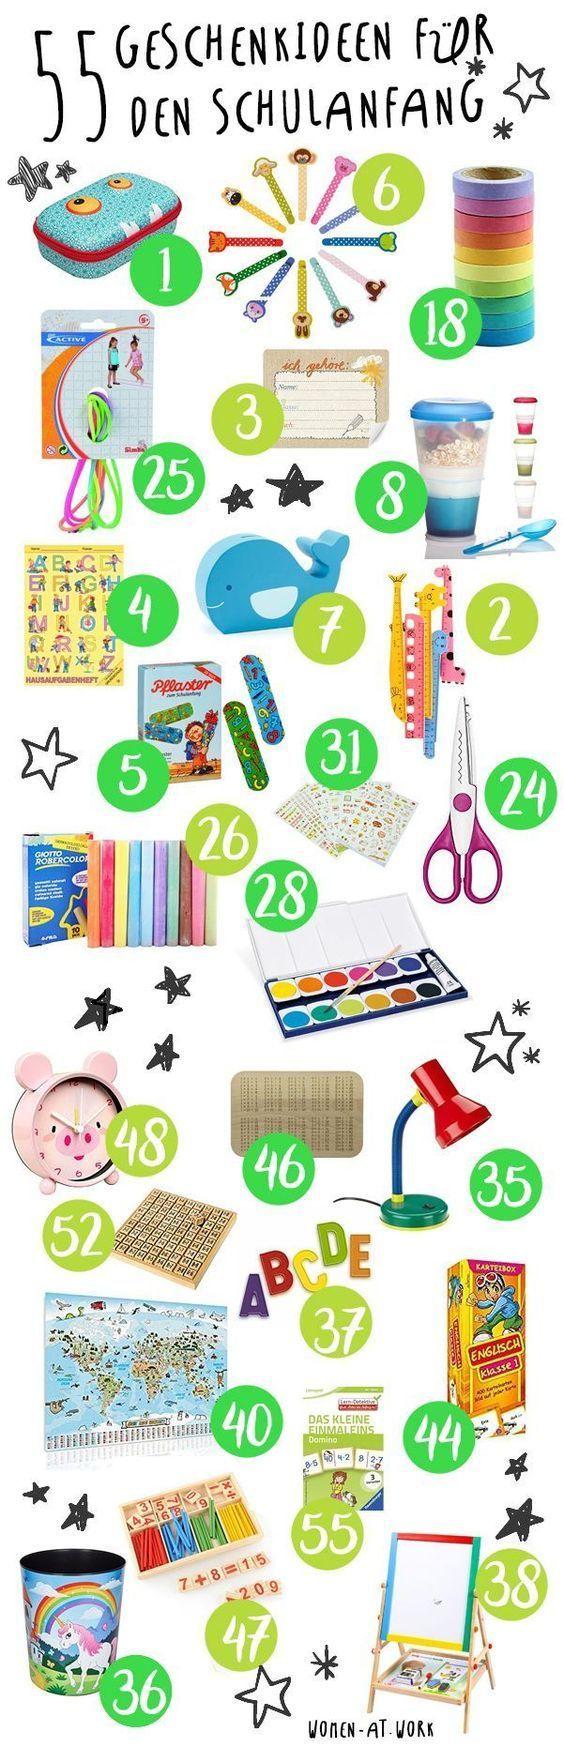 55 Geschenkideen für den Schulanfang und die Schultüte – Janine Pickert